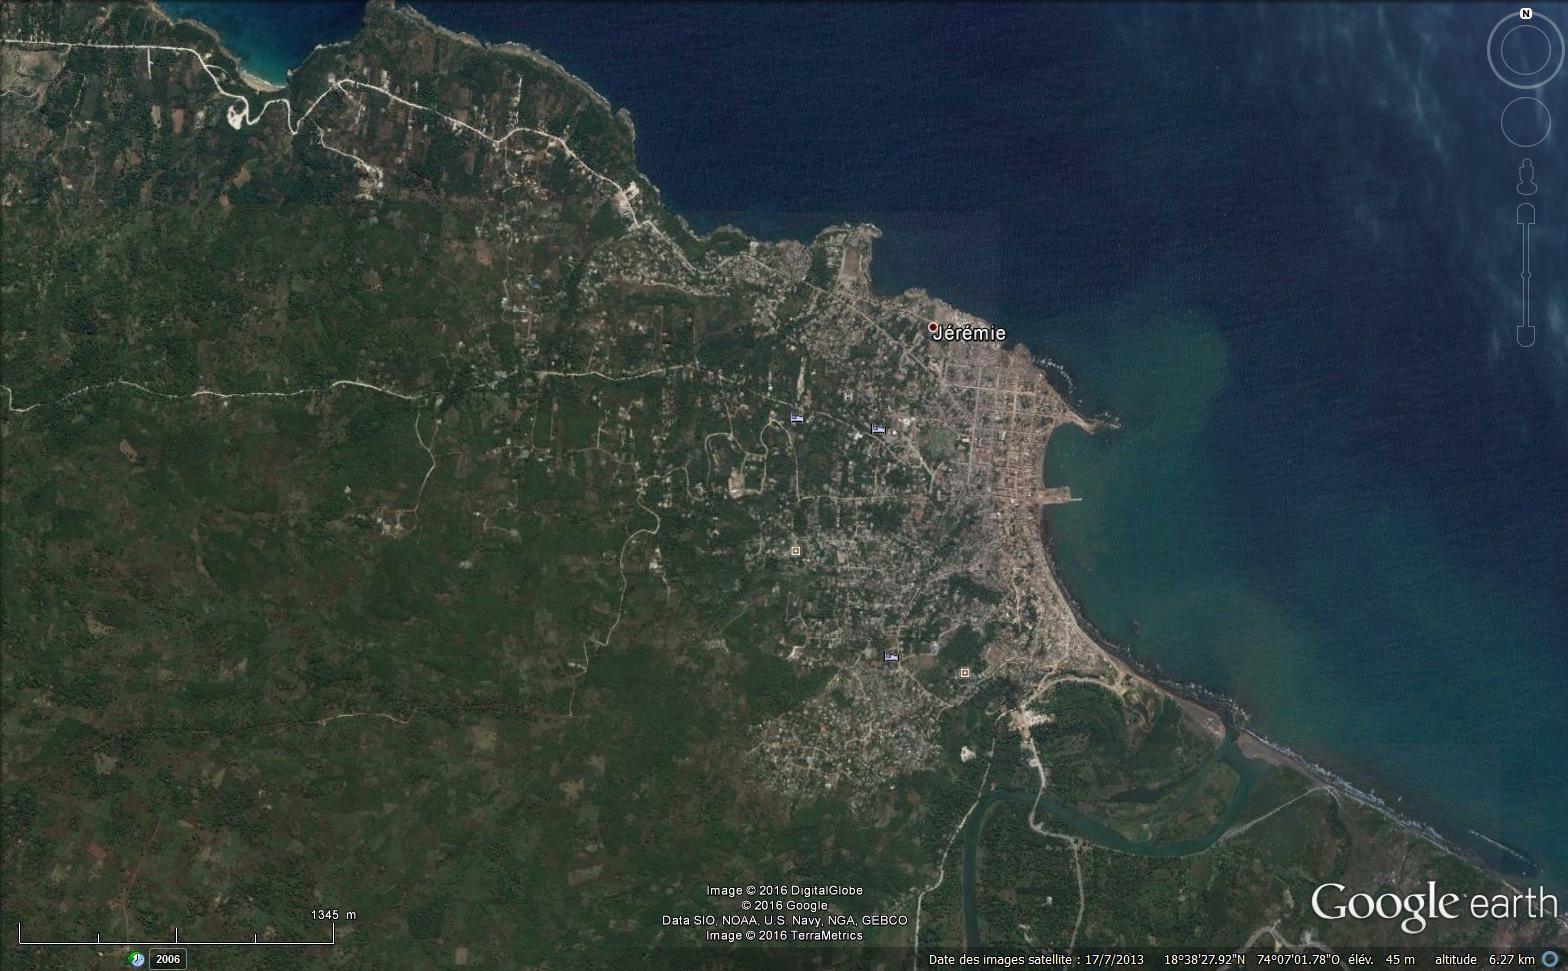 Jérémie vue par les satelites (via Google earth) : le site, le centre vulnérable à de légères élévation du niveau marin